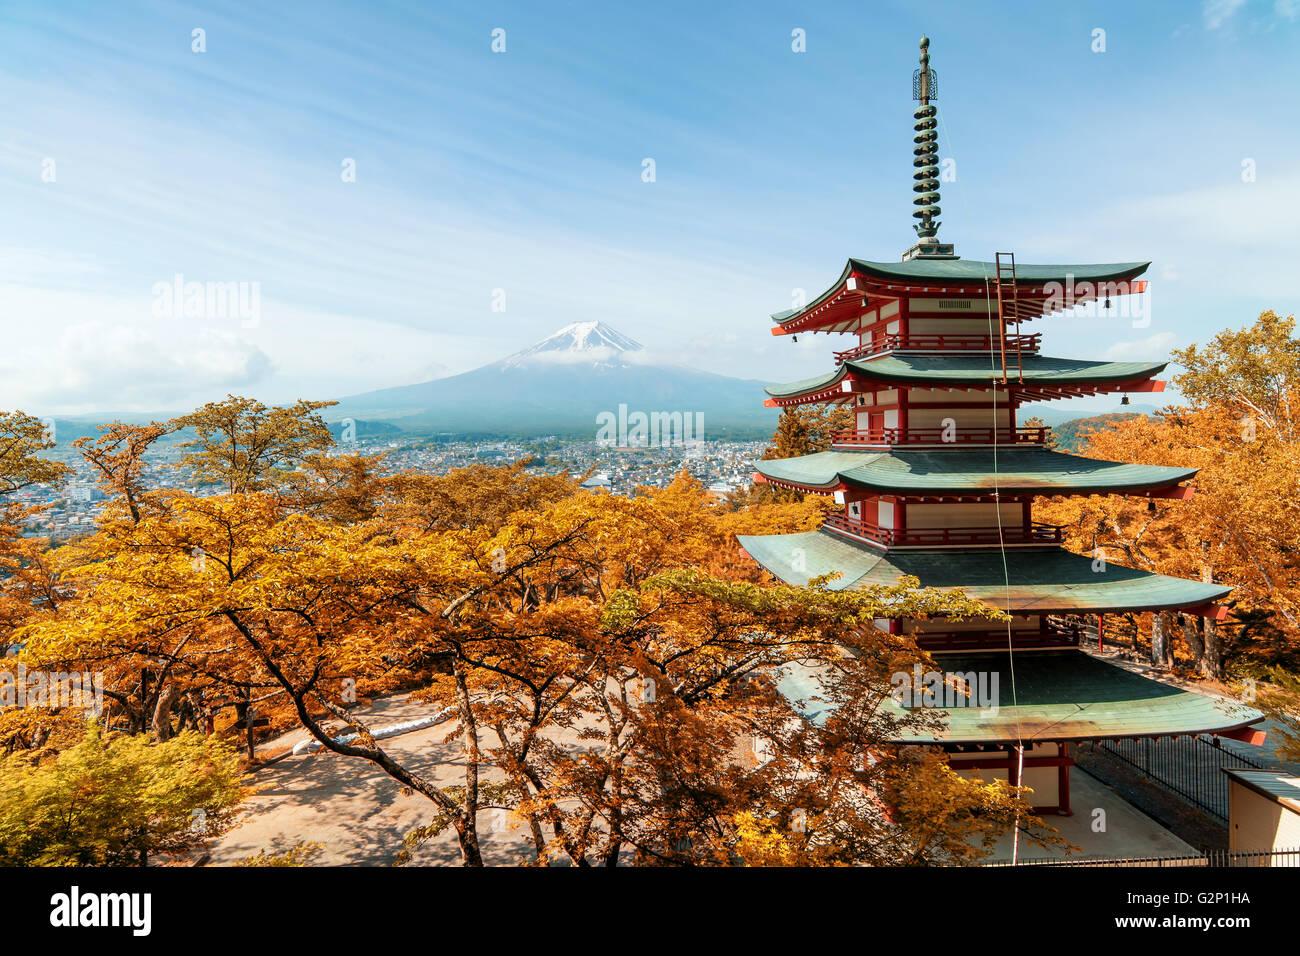 Voyage au Japon - Beuatiful automne au Japon à la pagode rouge avec Mt. Fuji en arrière-plan, le Japon. Banque D'Images